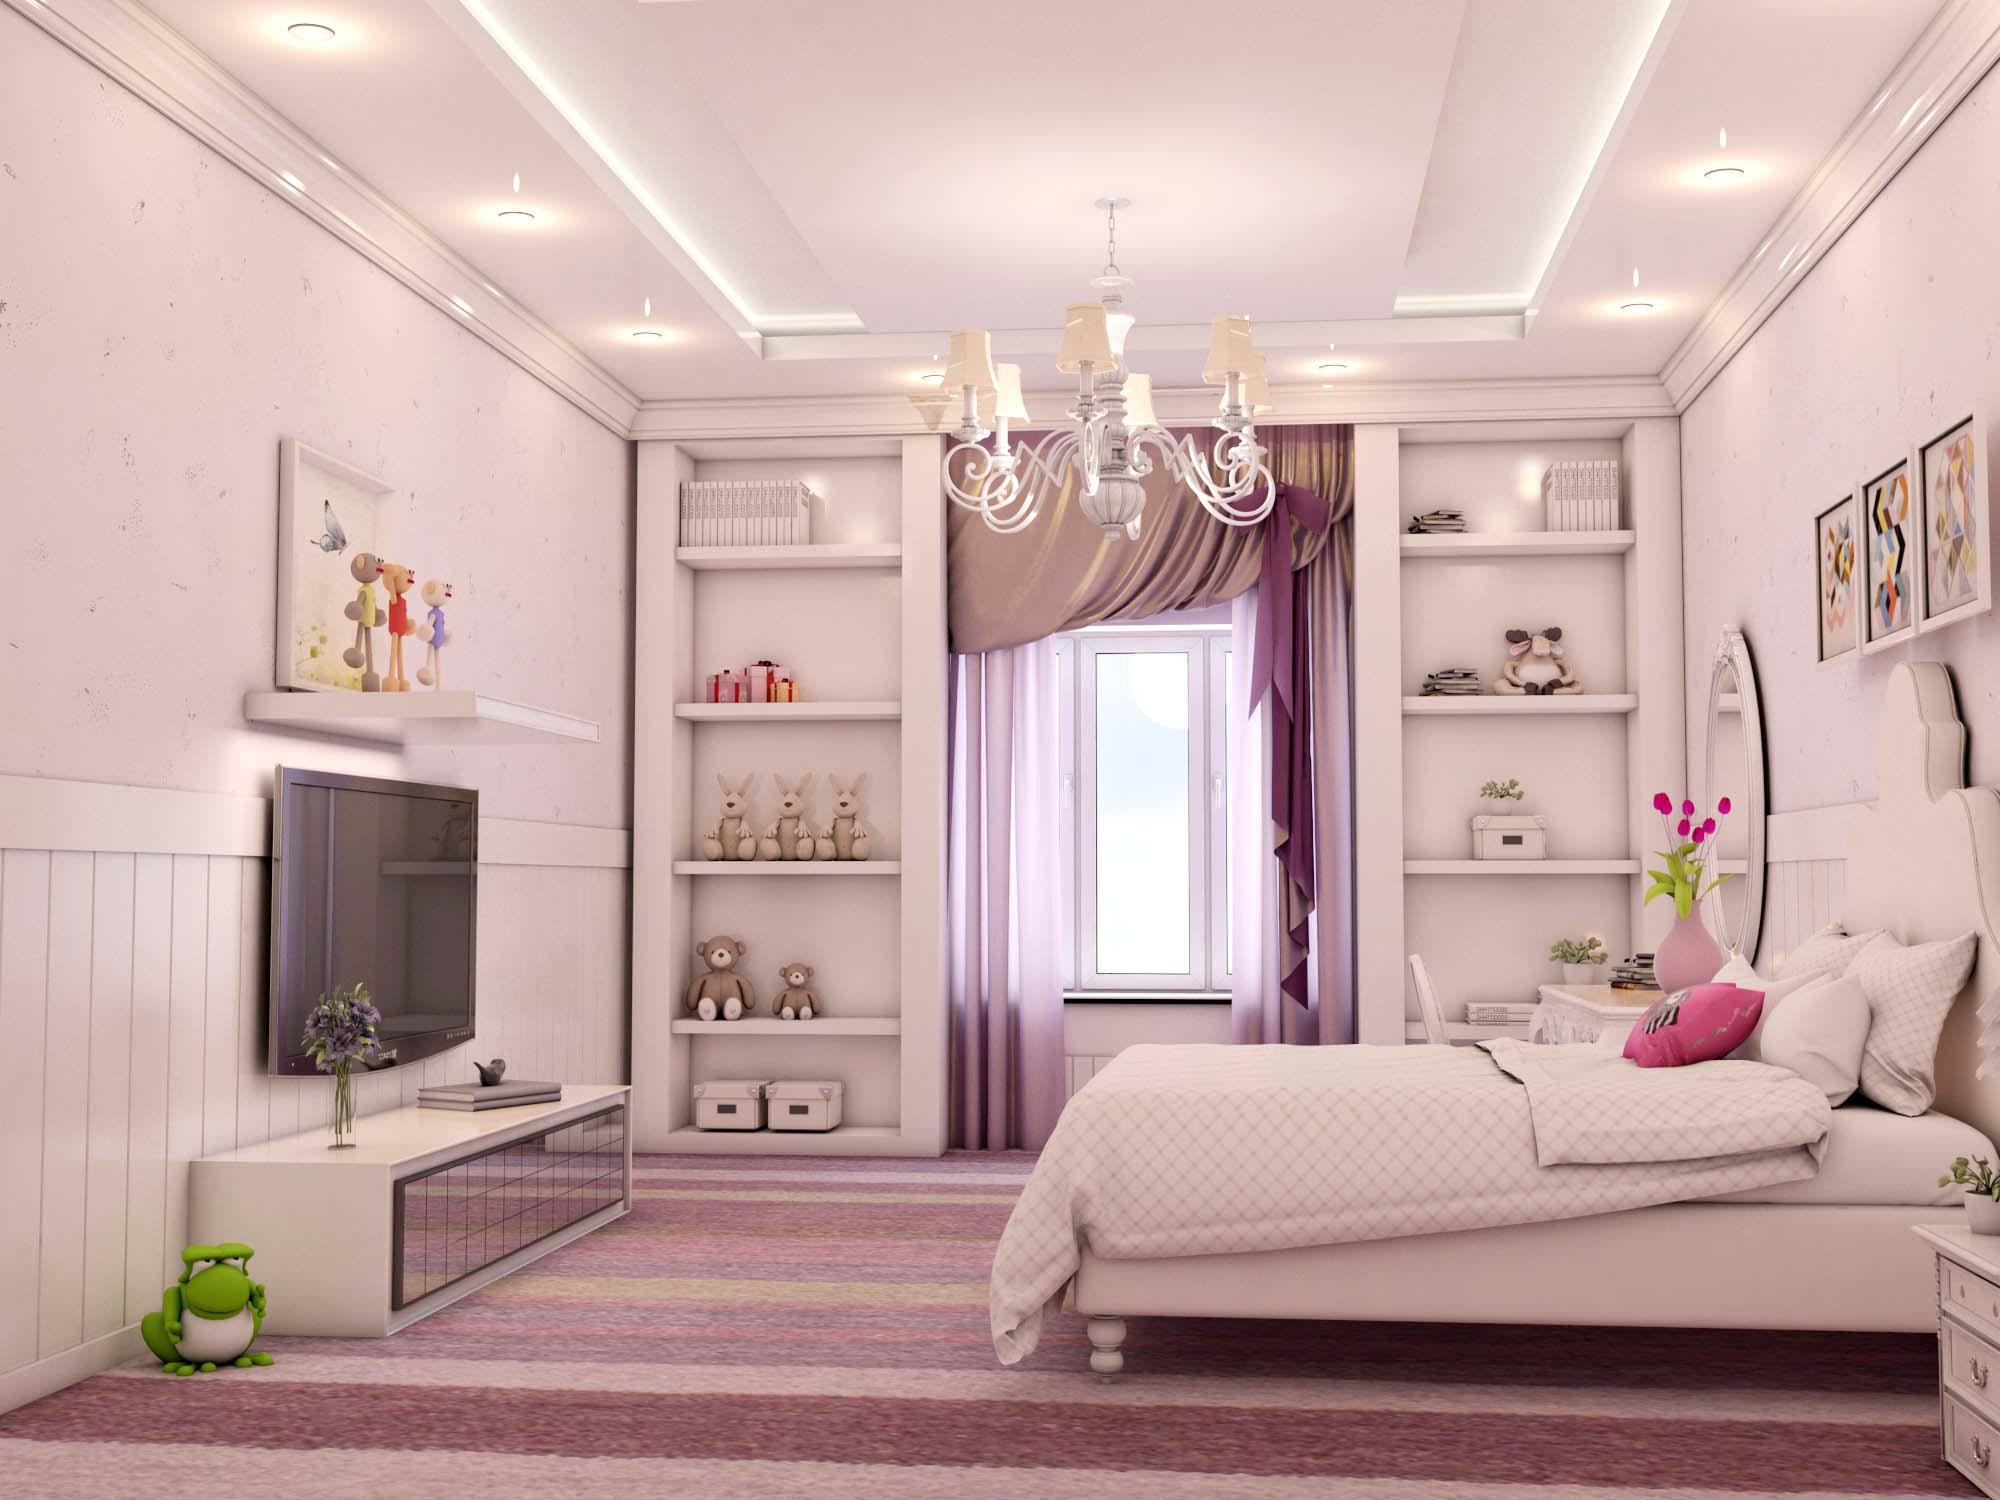 ديكور غرف نوم بنات اروع ديكورات غرف النوم للبنات مساء الورد